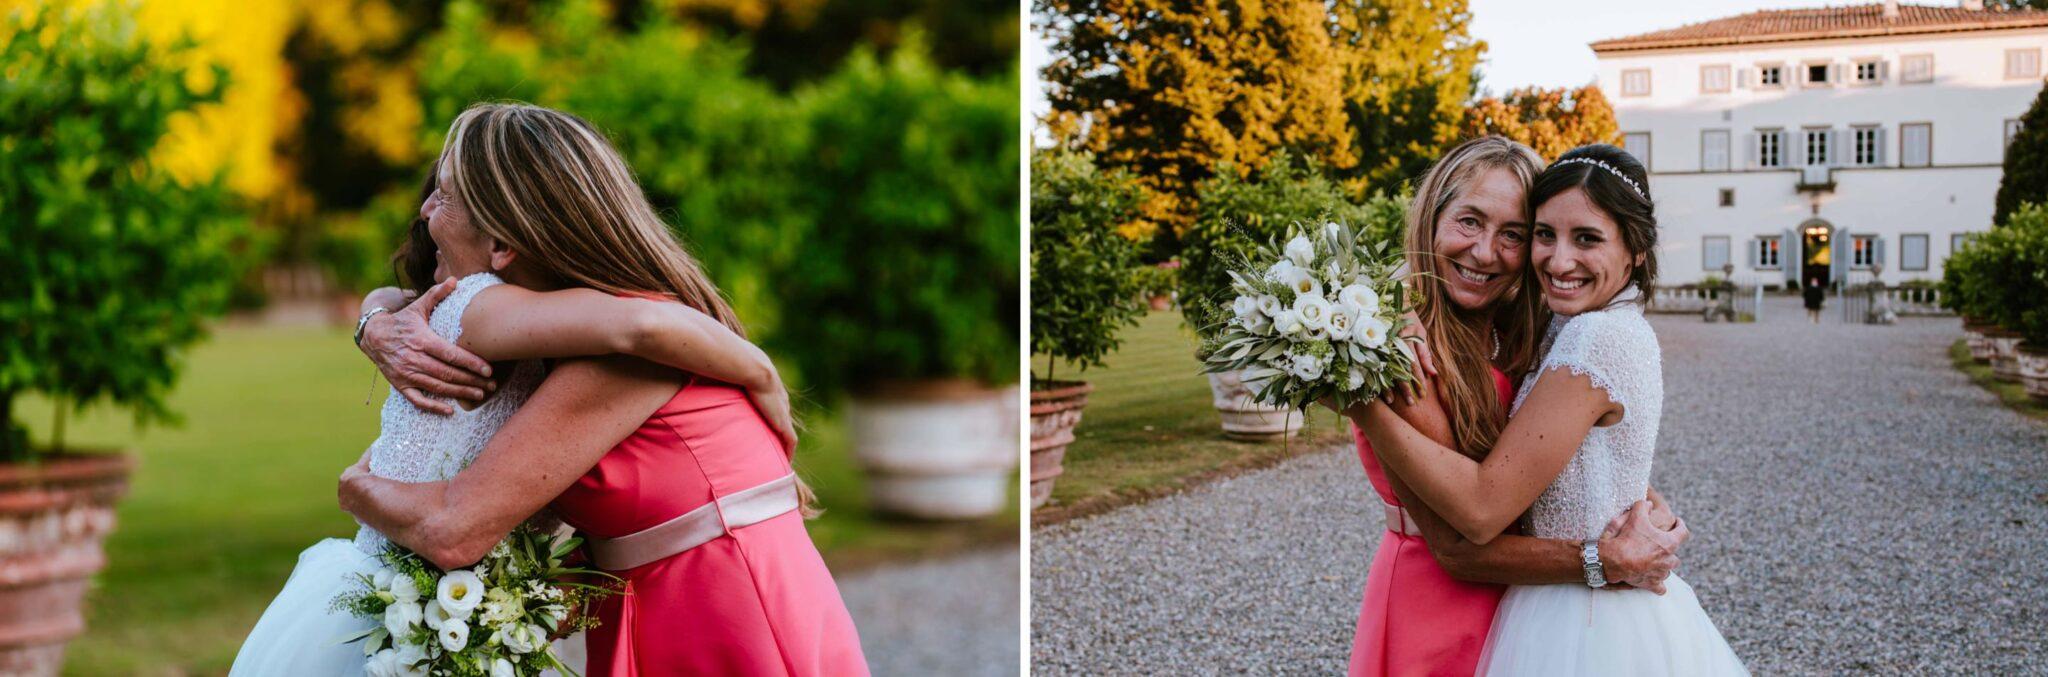 la sposa e la mamma, matrimonio a Villa Grabau